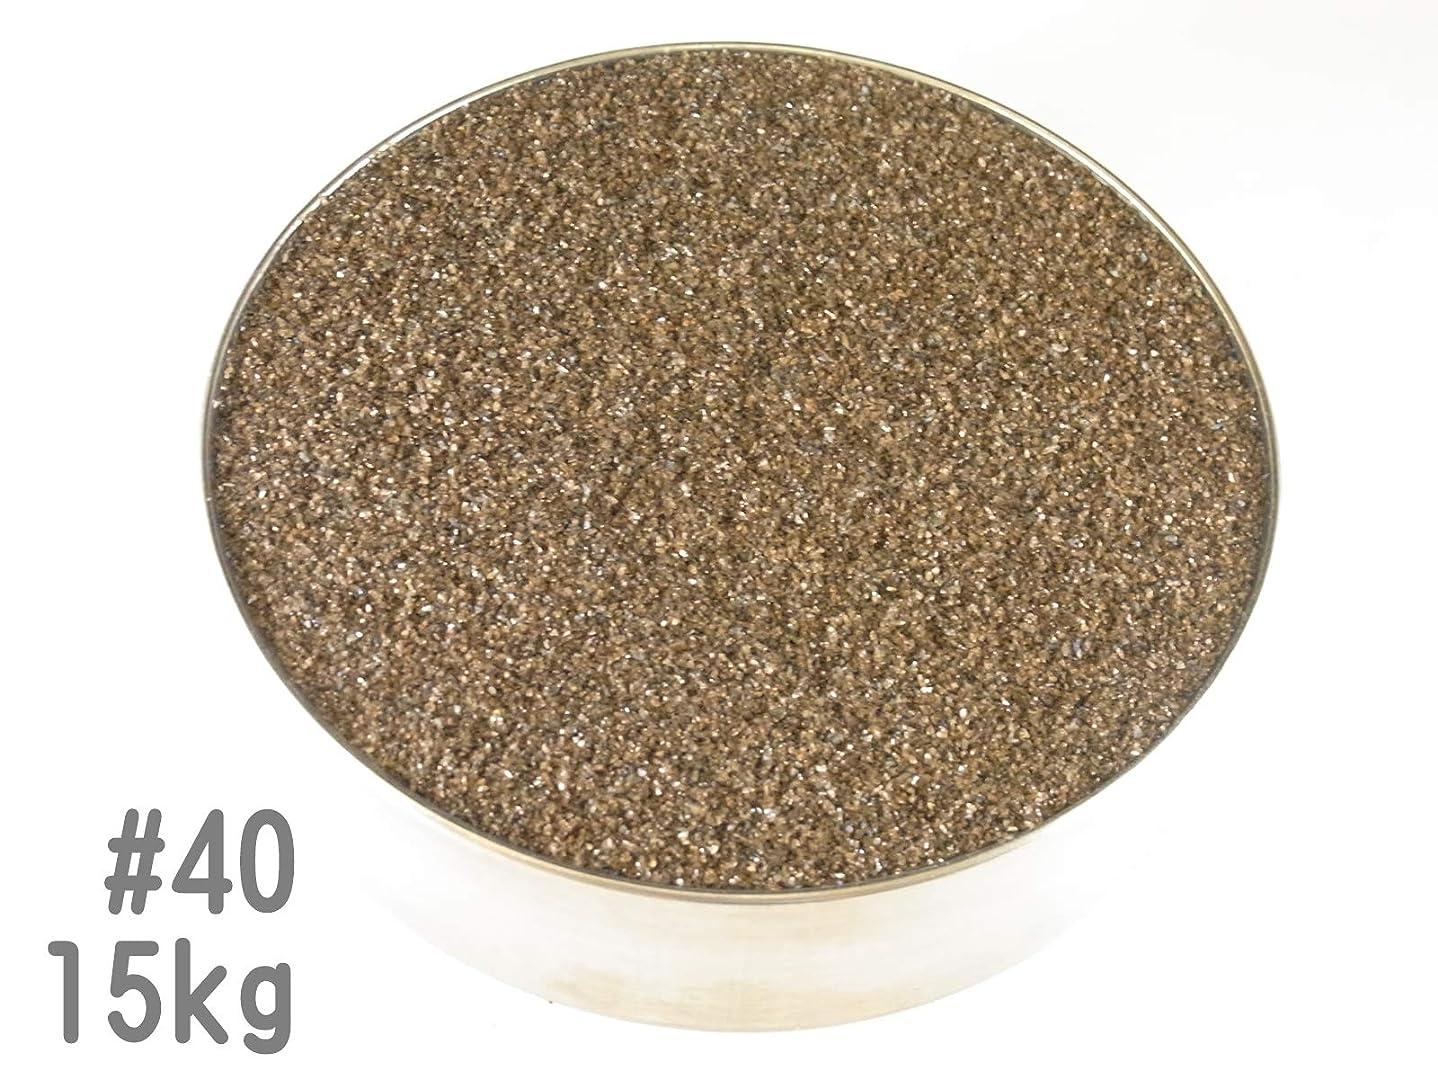 和解するカール雪の#40 (15kg) アルミナサンド/アルミナメディア/砂/褐色アルミナ サンドブラスト用(番手サイズは7種類から #40#60#80#100#120#180#220 )a40-15-③